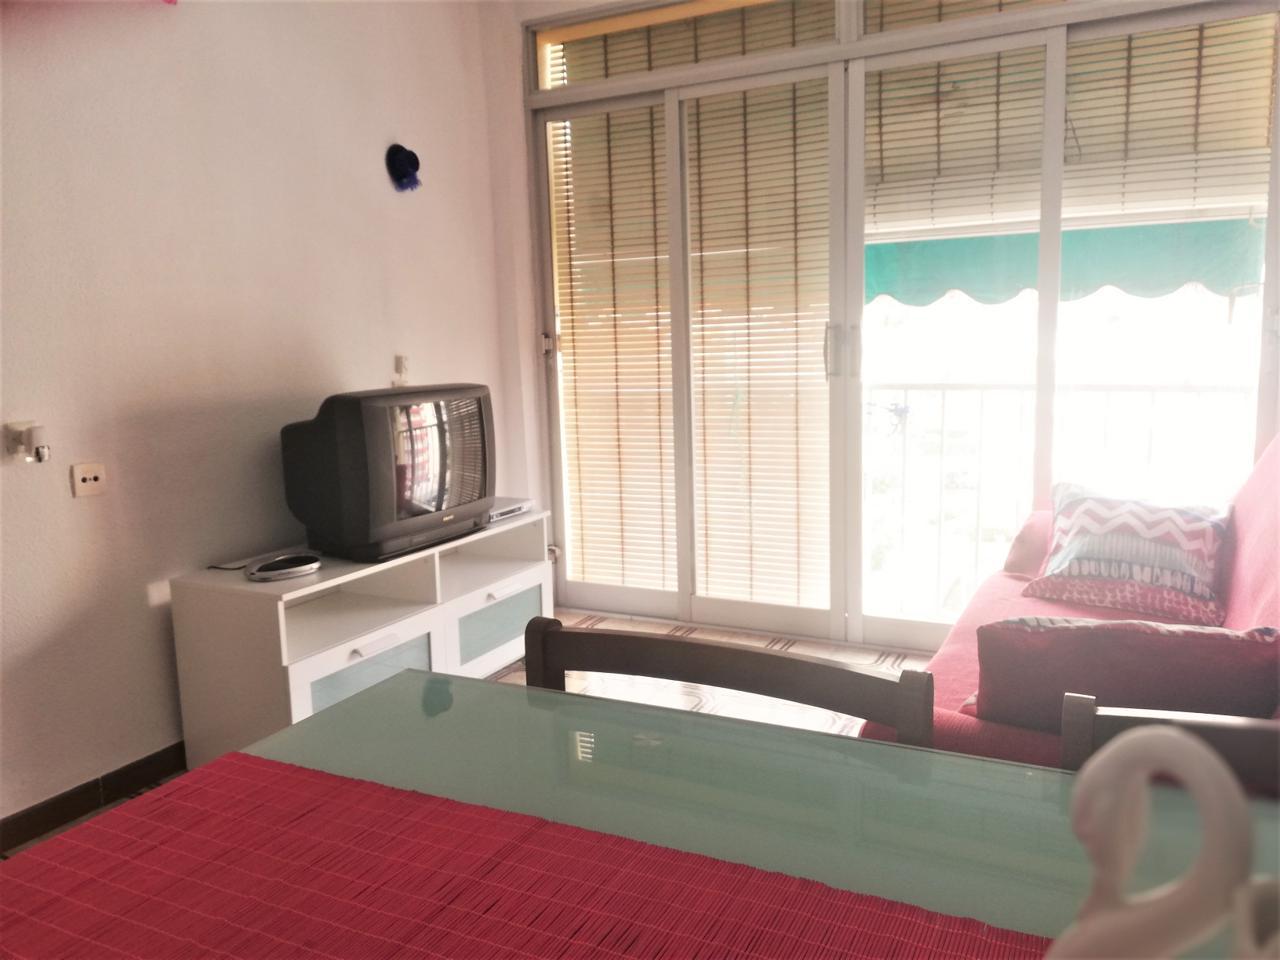 Rent Flat in Playa de Gandía. Interesante apartamento en alquiler en el centro de la playa de